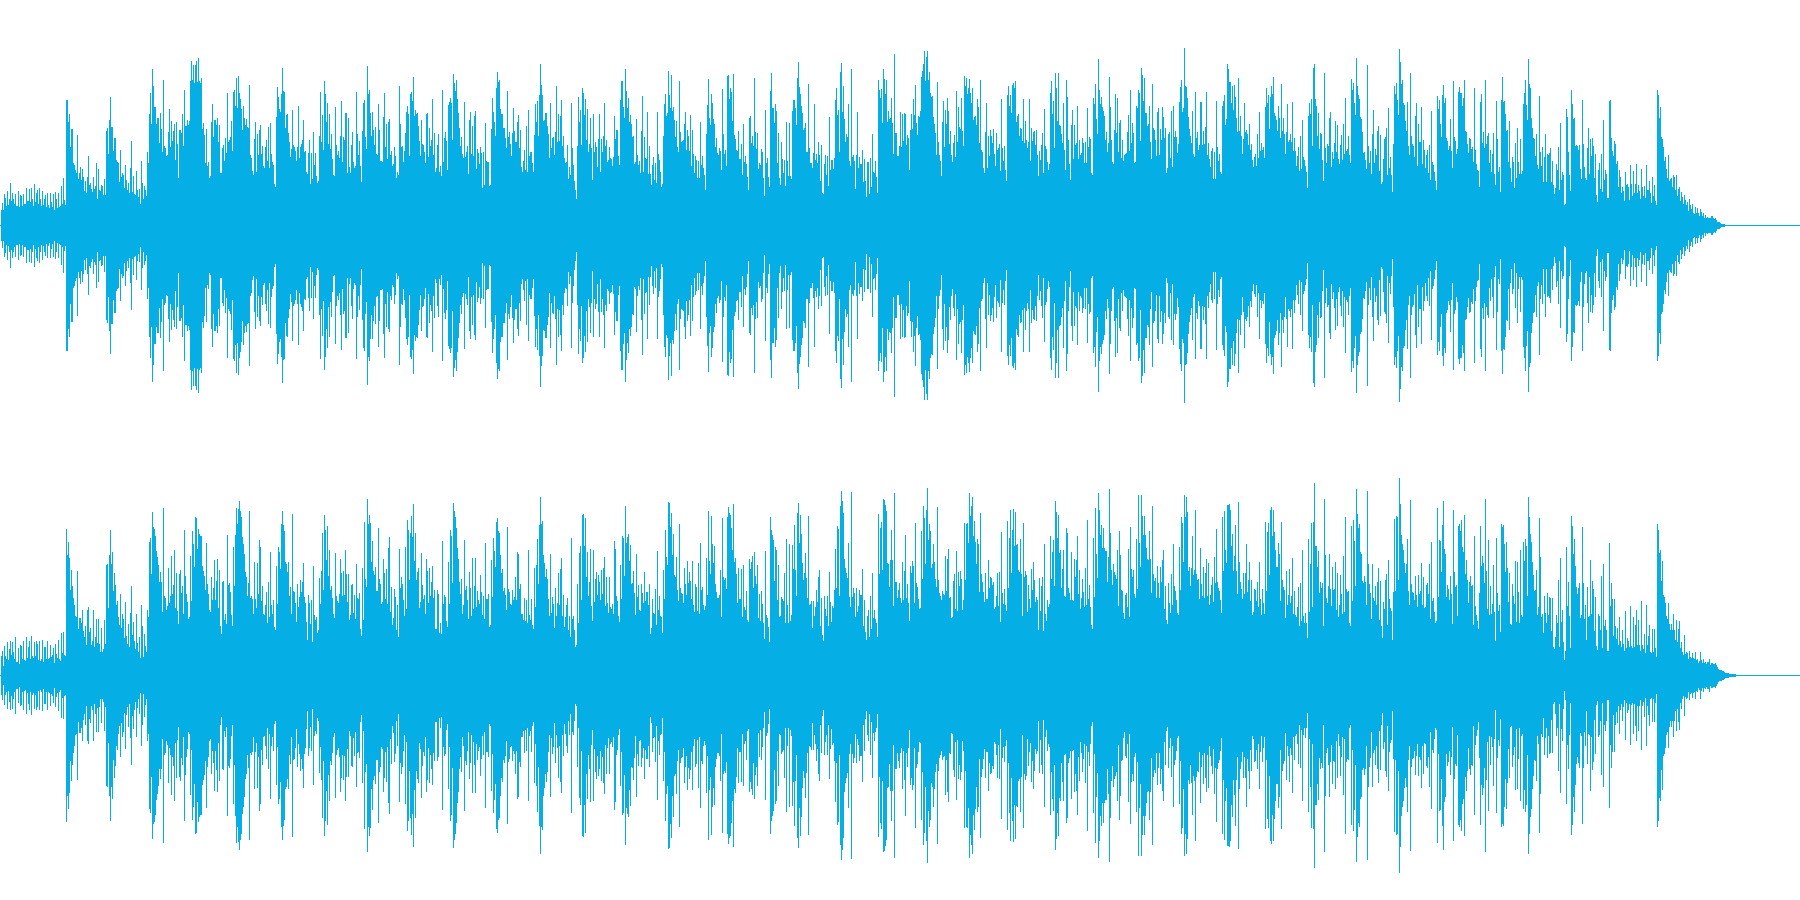 無限な空間の広がりを感じる透明なポップの再生済みの波形